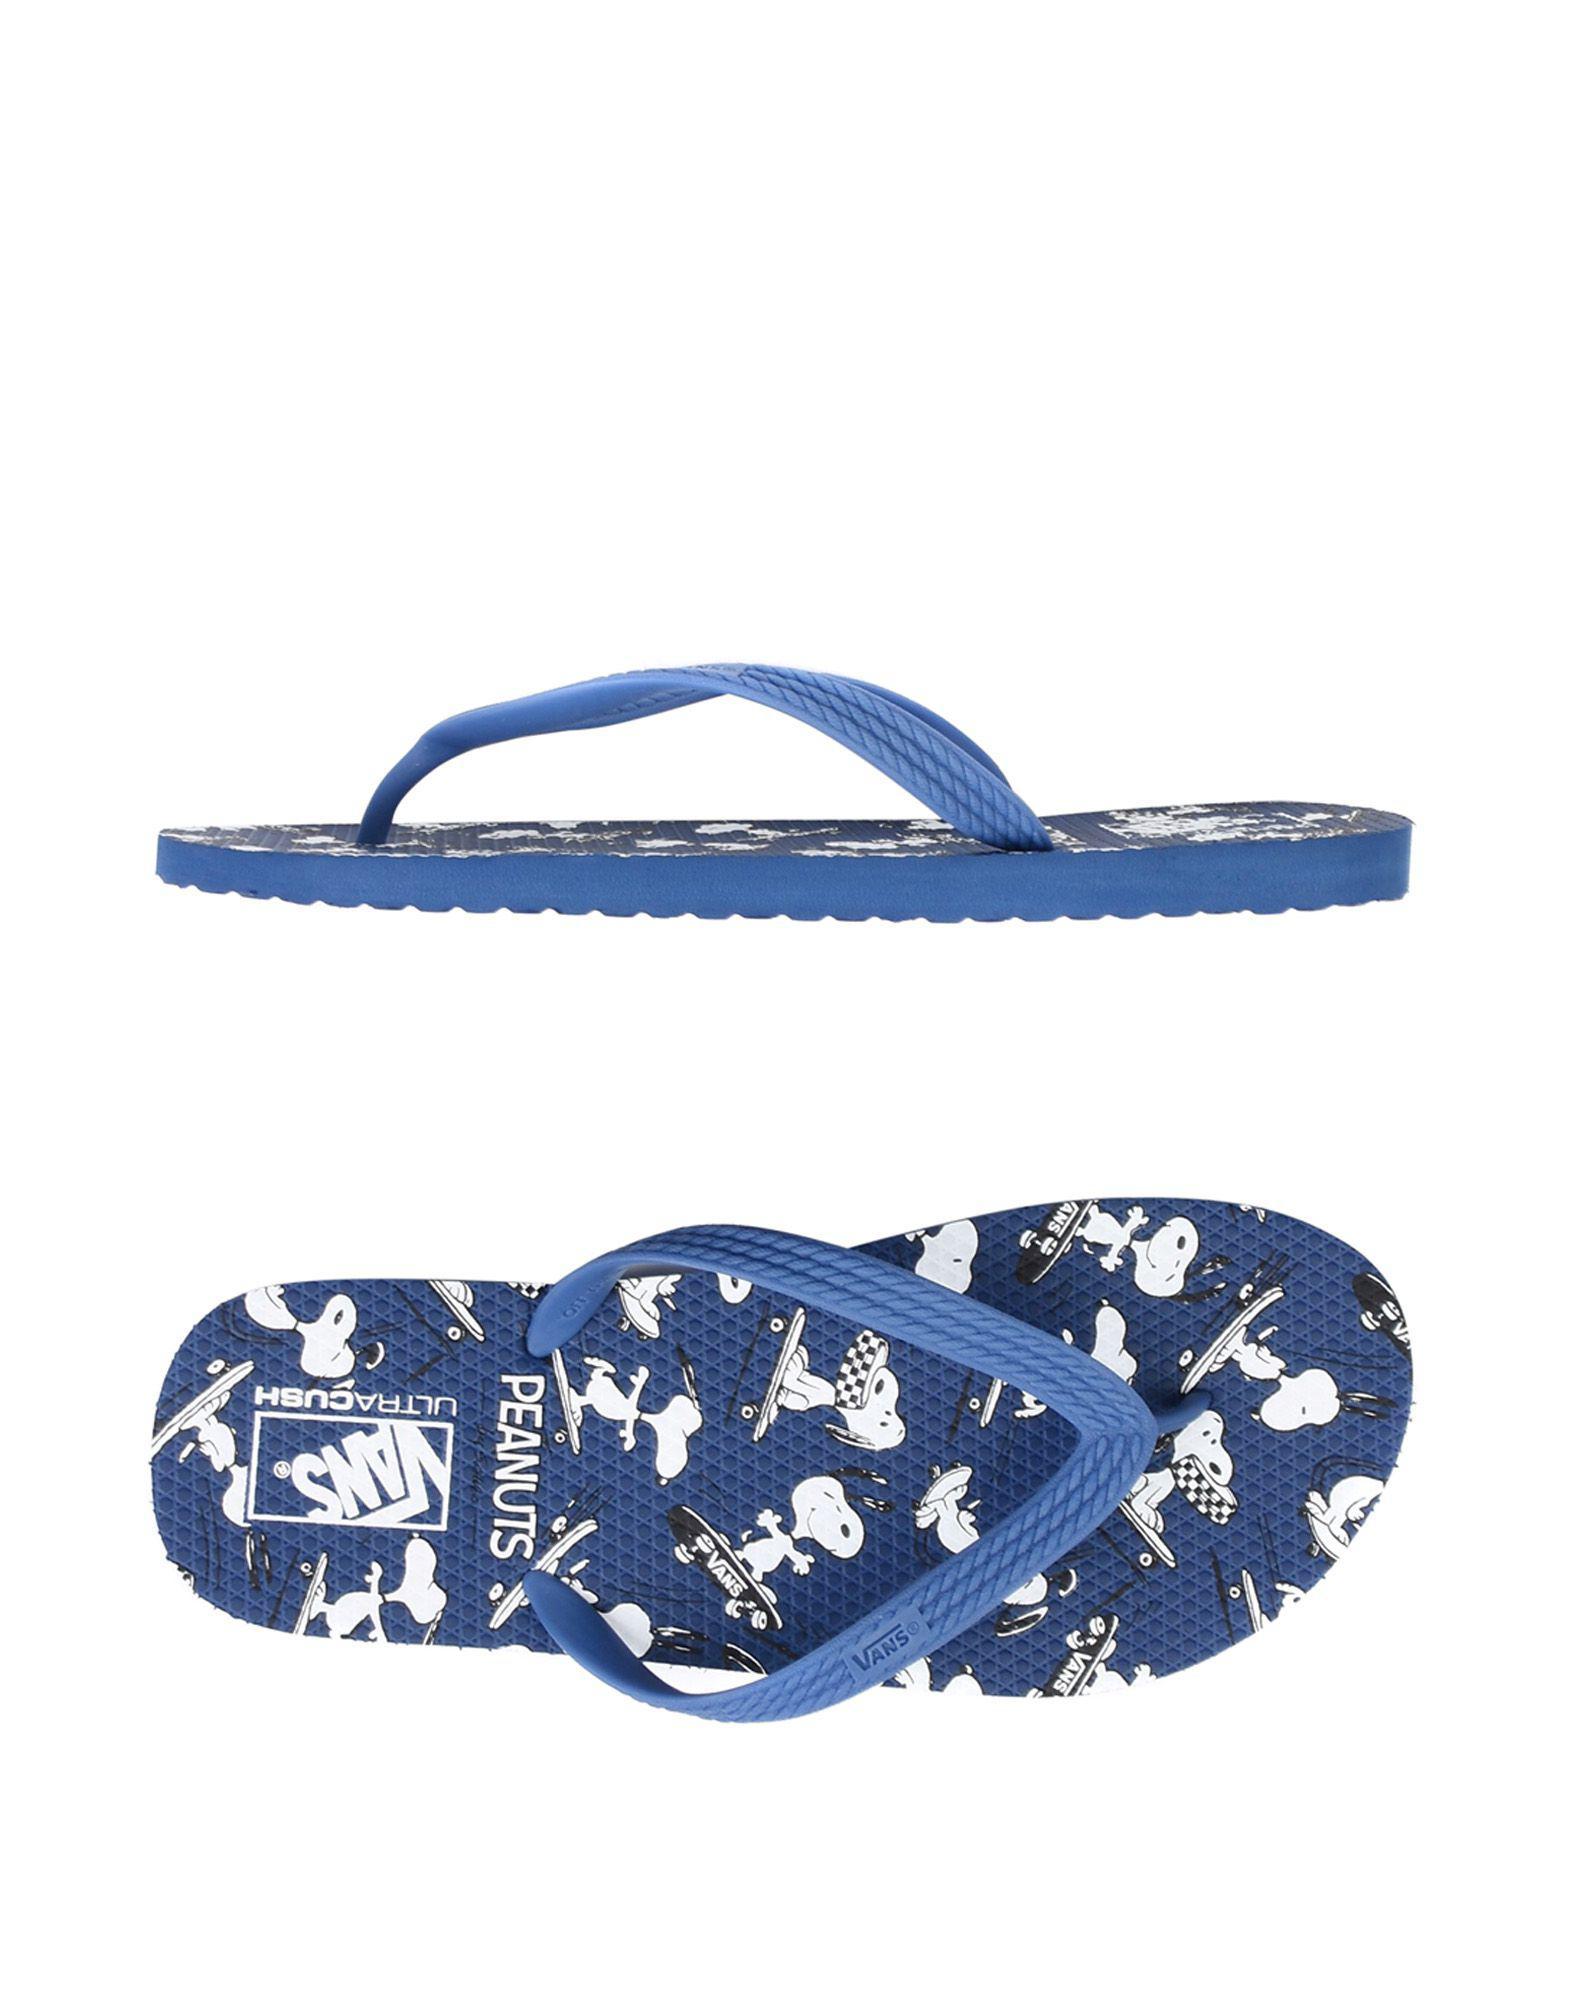 8cb33e57d720 Lyst - Vans X Peanuts Hanelei S Flip Flops in Blue for Men